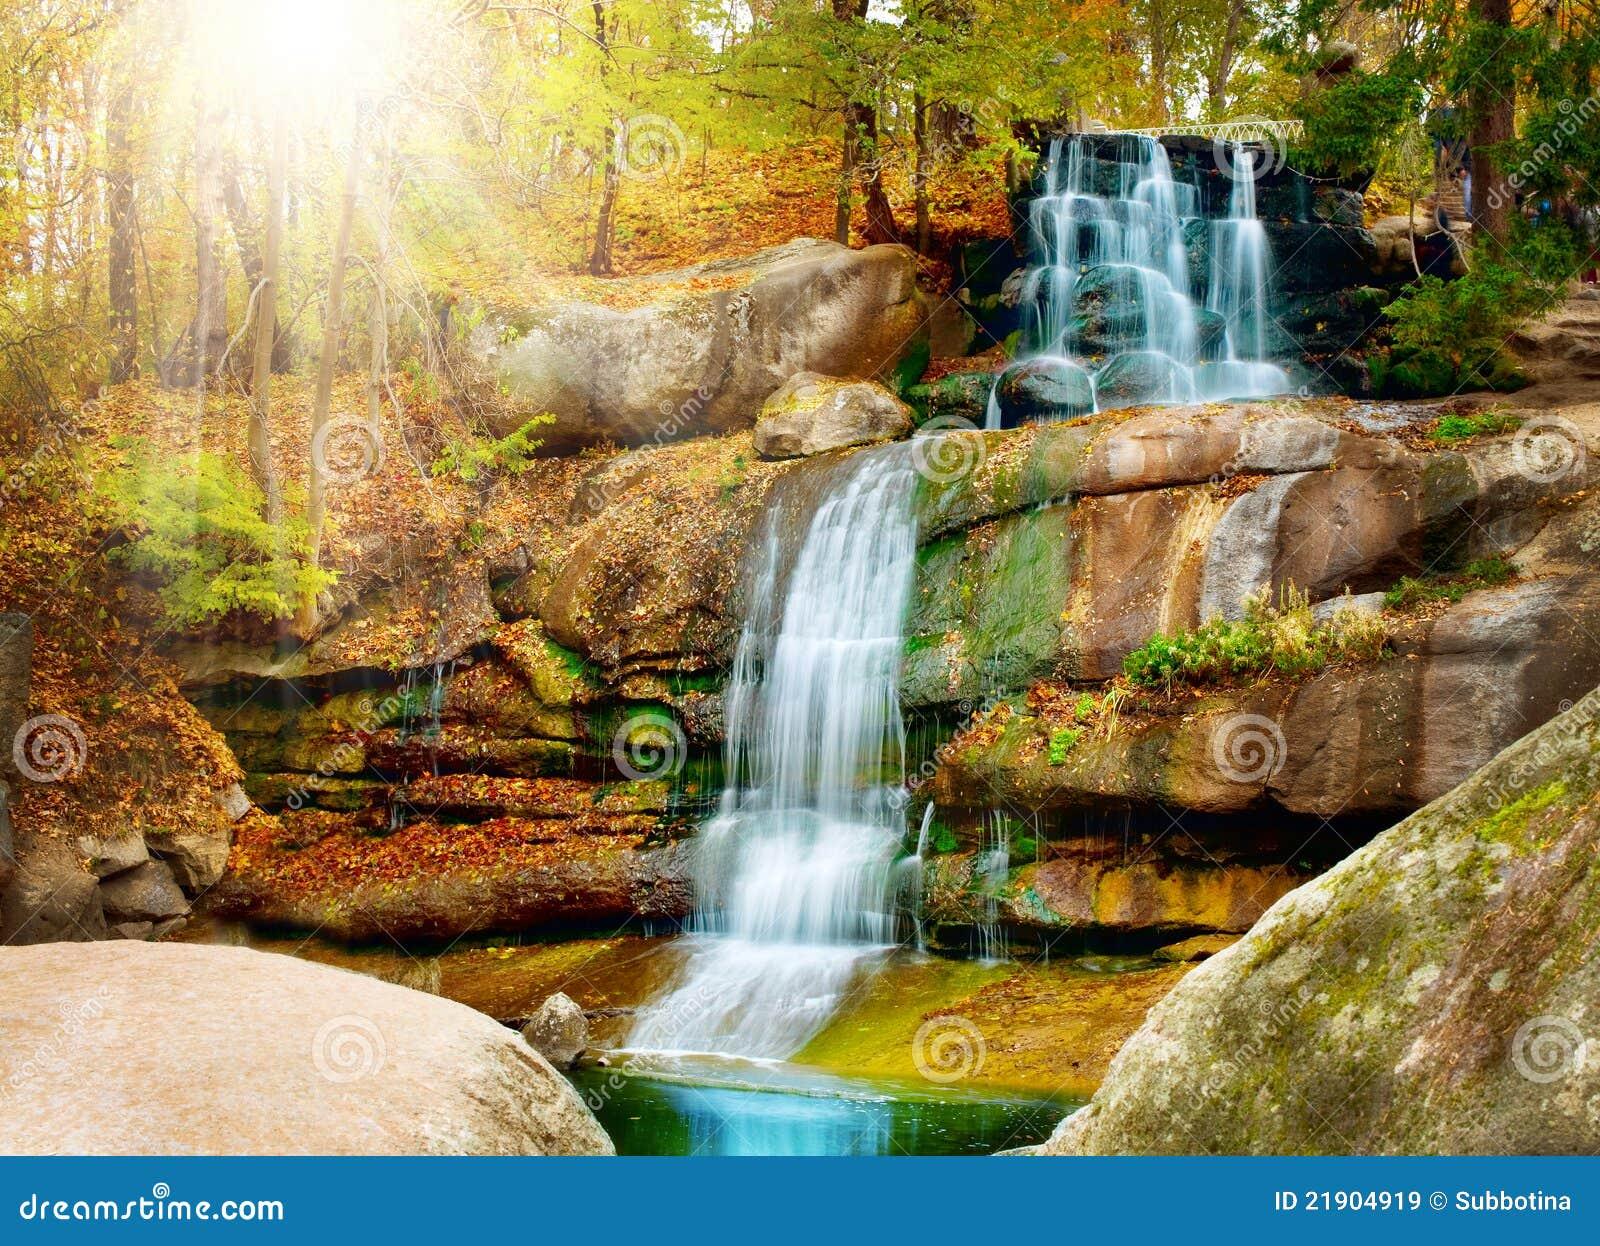 秋天森林瀑布